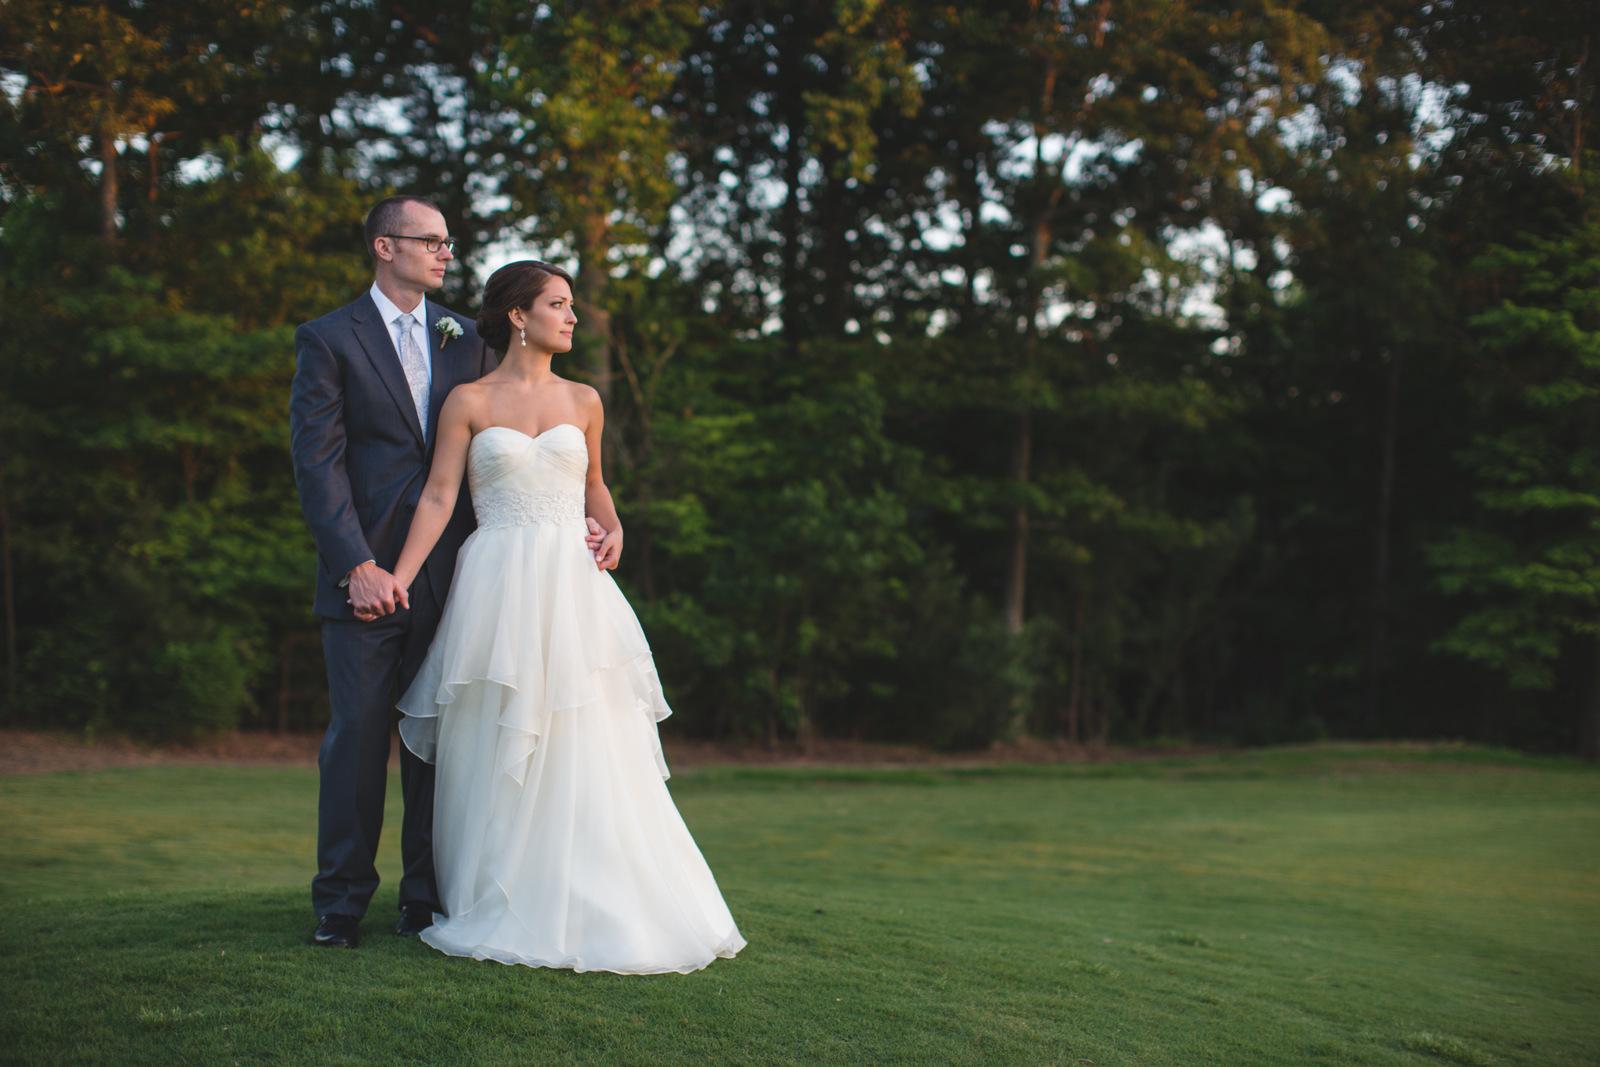 RyanKacie-weddingparty-1-173.jpg